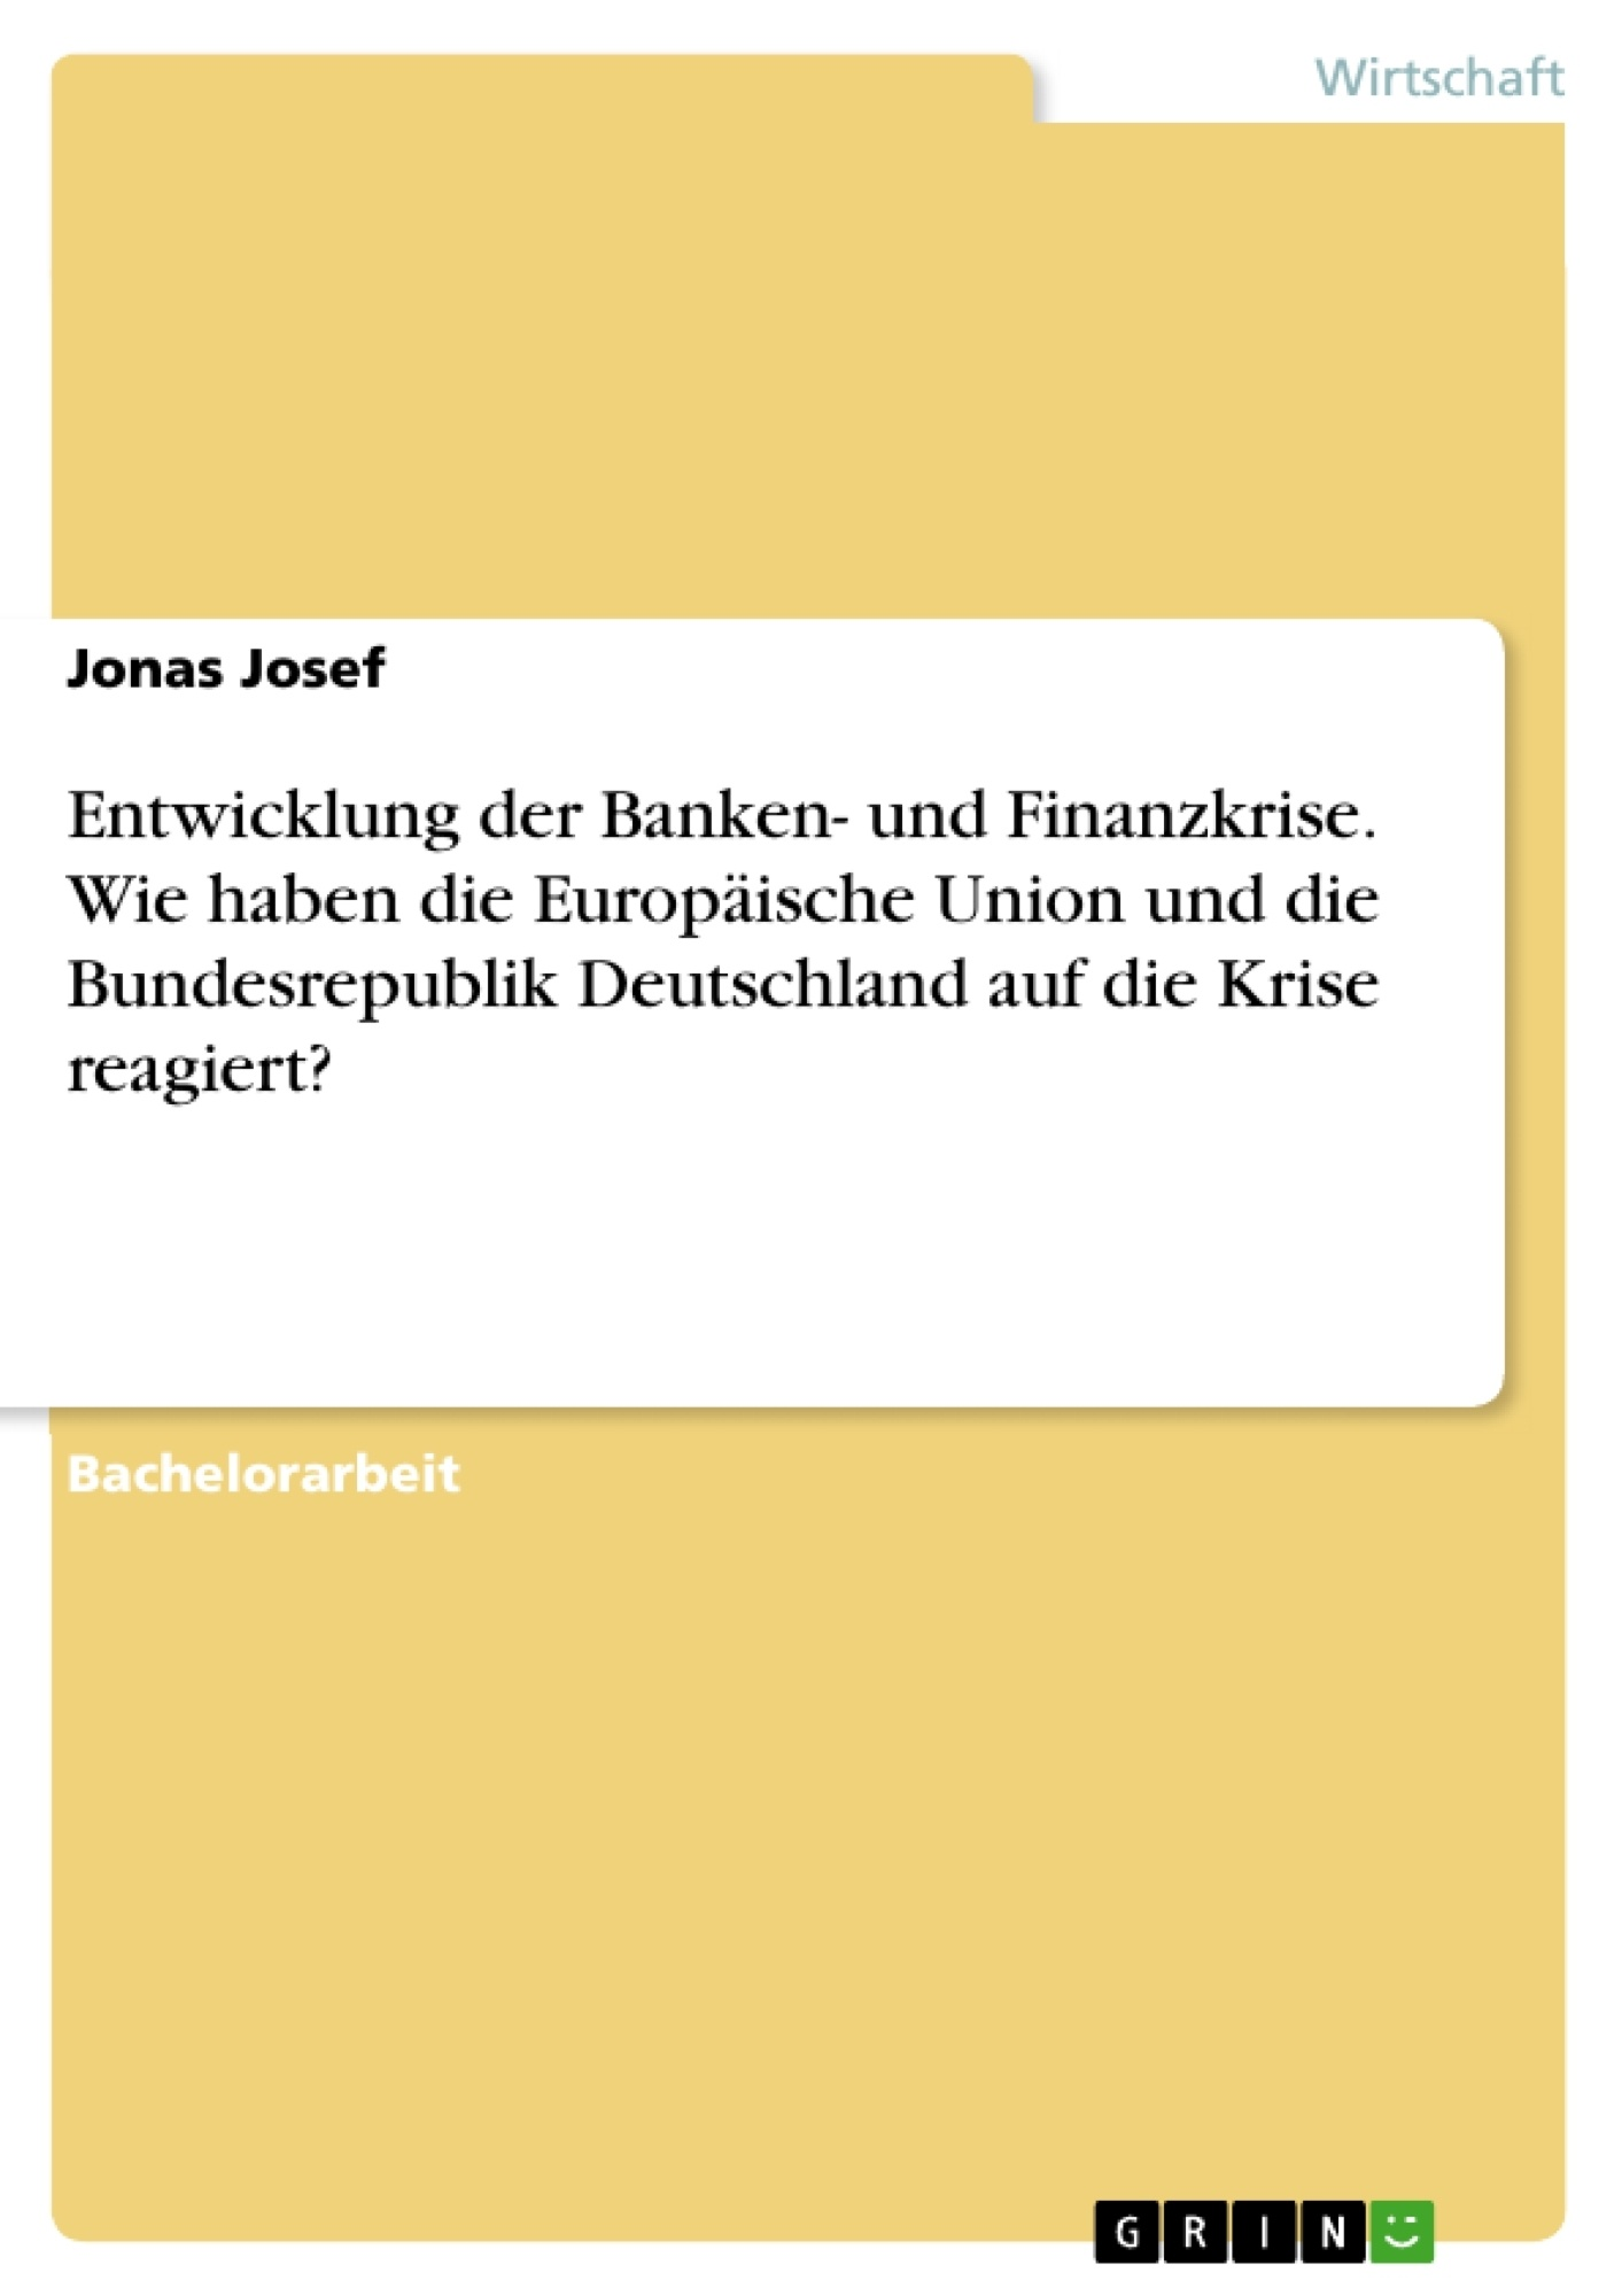 Titel: Entwicklung der Banken- und Finanzkrise. Wie haben die Europäische Union und die Bundesrepublik Deutschland auf die Krise reagiert?